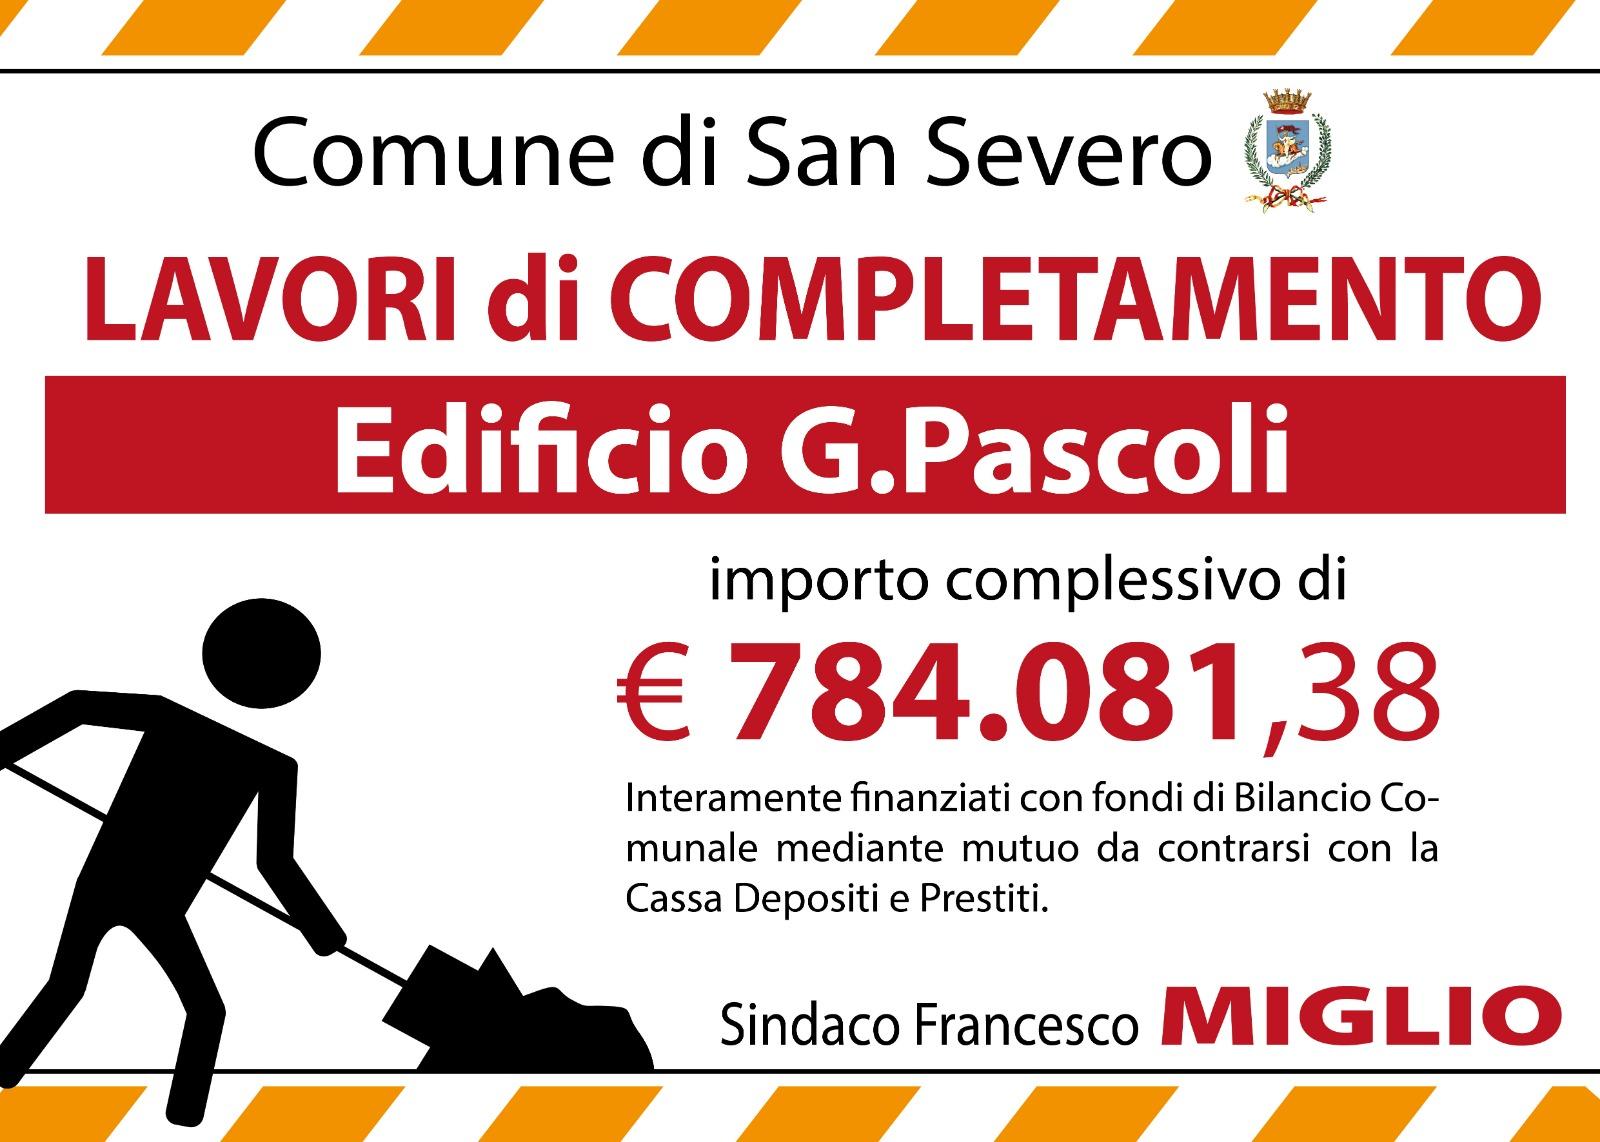 San Severo Al Via Nove Cantieri In Citta Per Quasi 3 Milioni Di Euro La Gazzetta Di San Severo News Di Capitanata